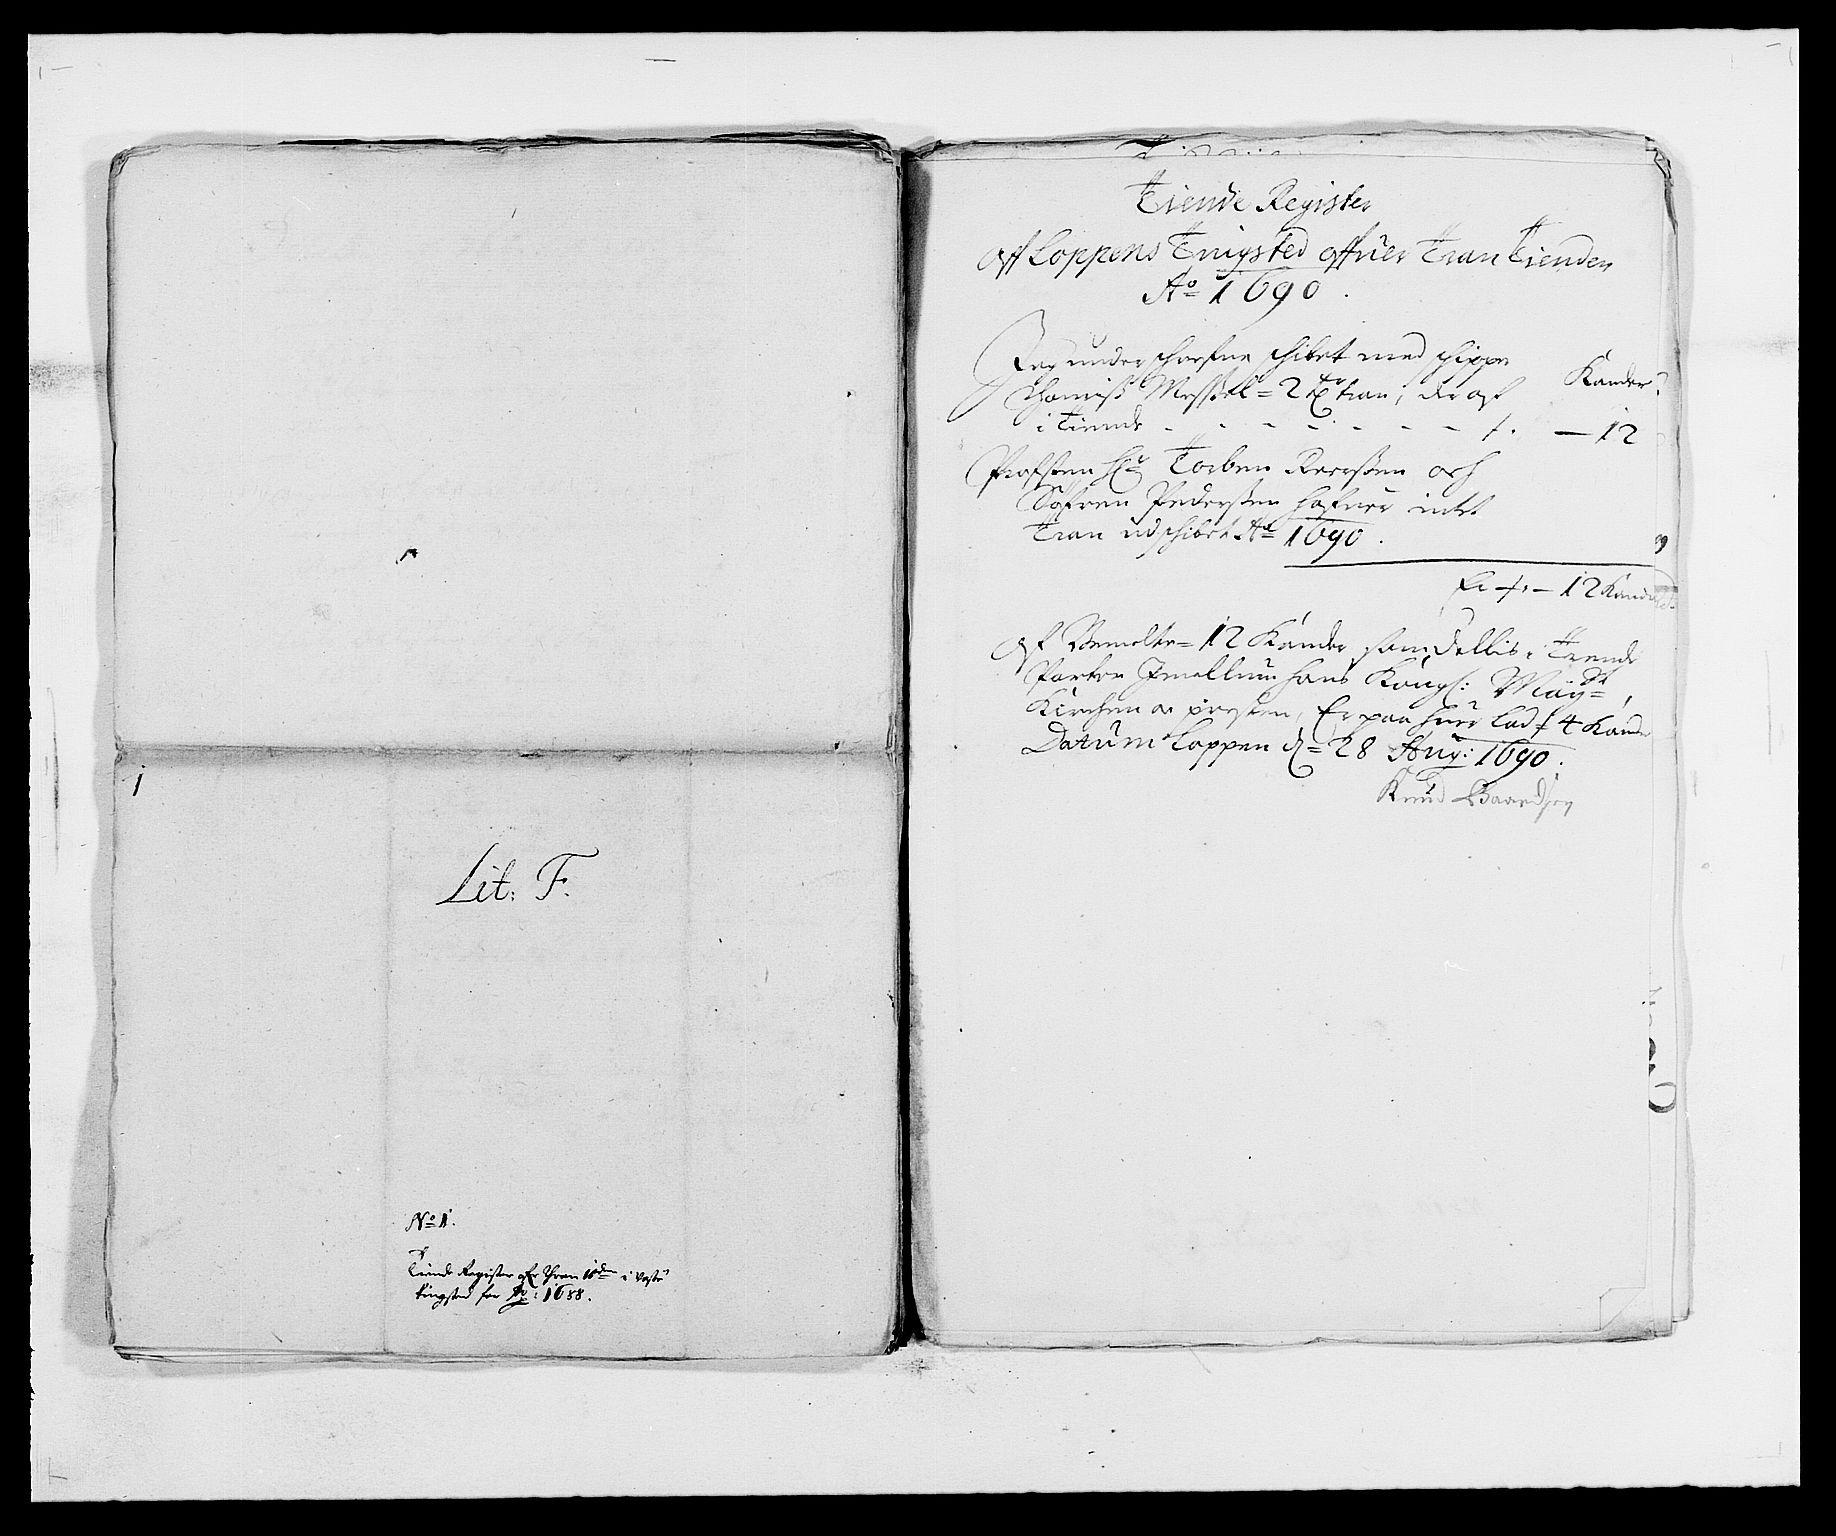 RA, Rentekammeret inntil 1814, Reviderte regnskaper, Fogderegnskap, R69/L4850: Fogderegnskap Finnmark/Vardøhus, 1680-1690, s. 254